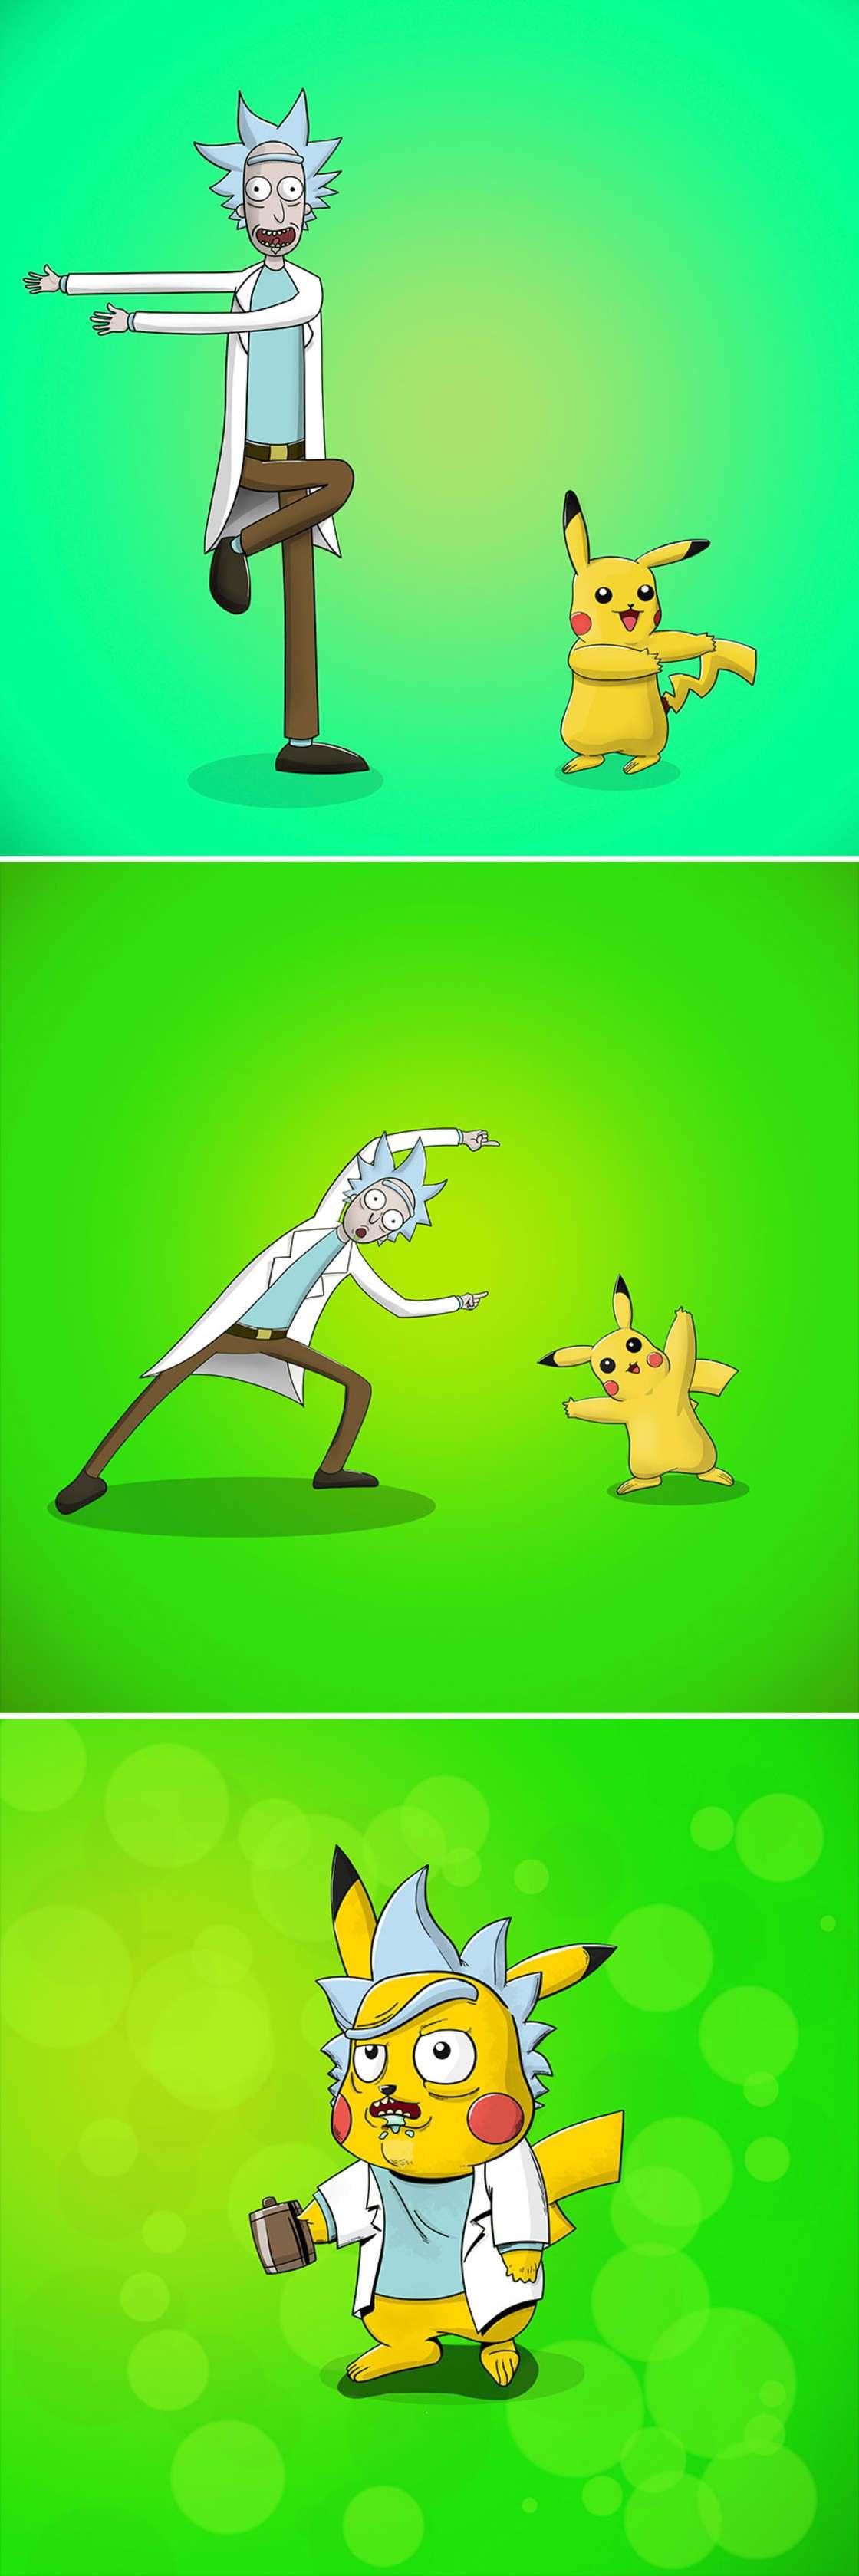 Os personagens de desenhos animados se fundiram como no Dragon Ball Z